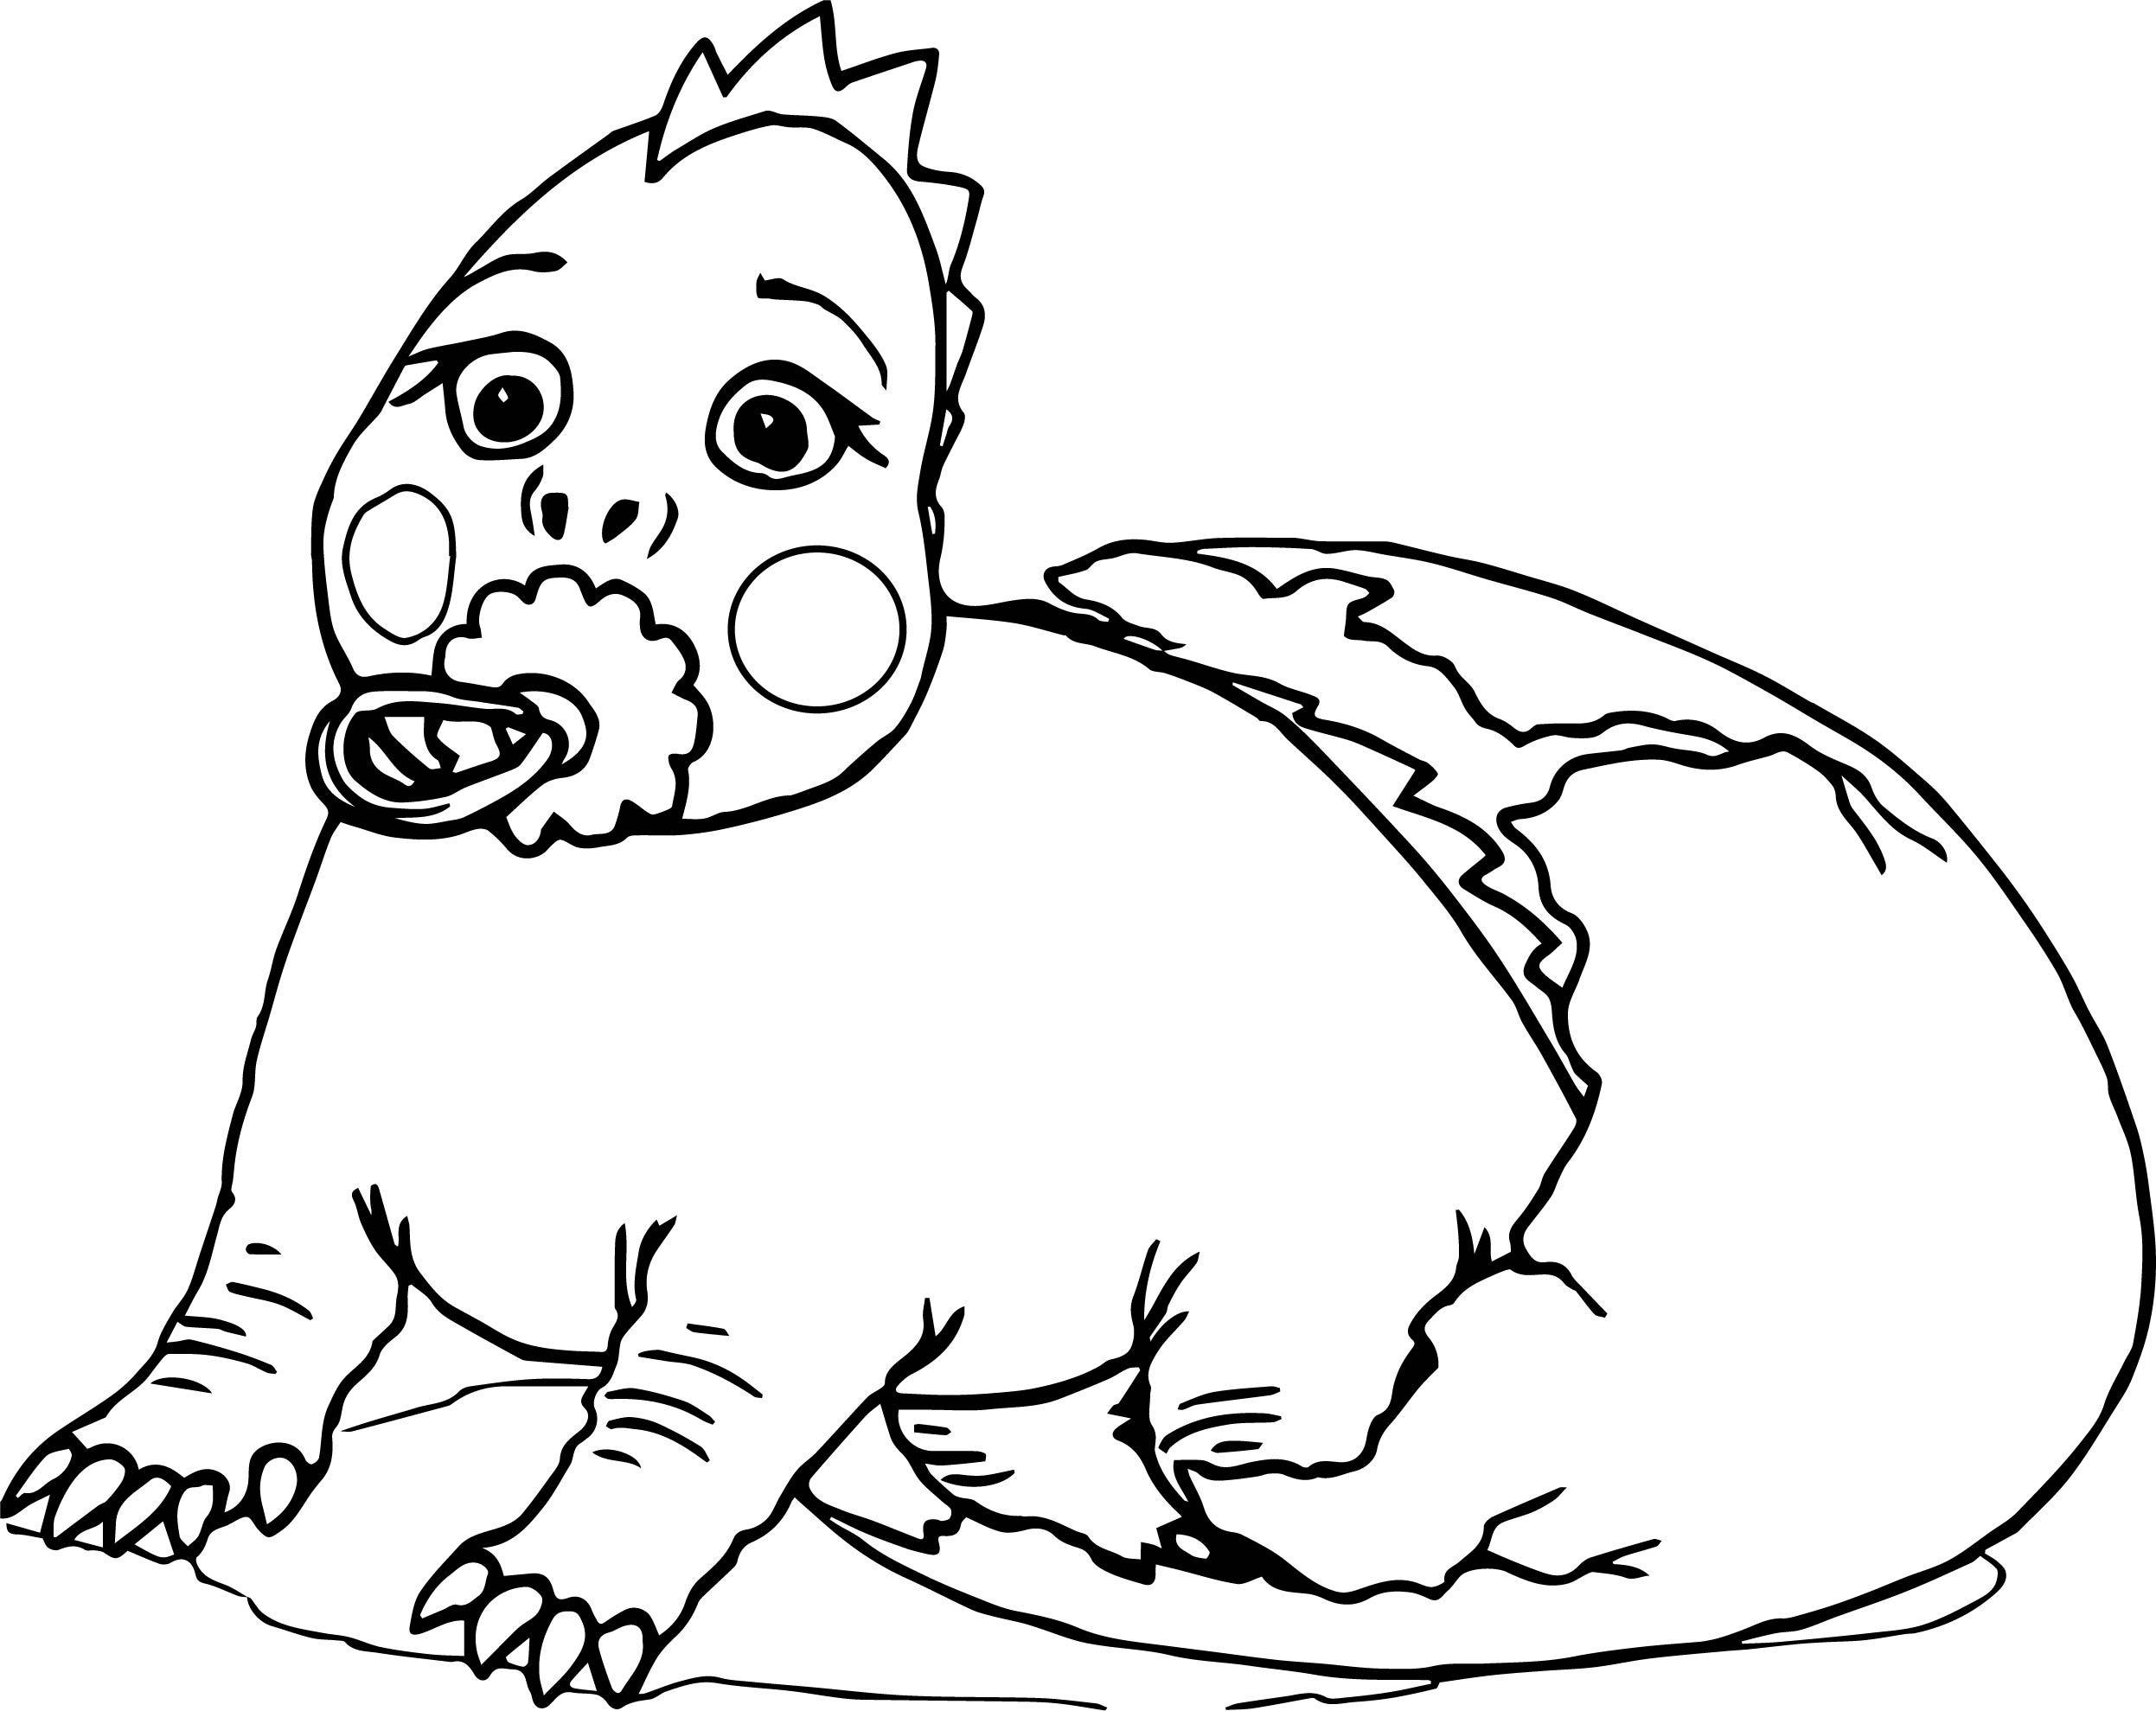 Nice Baby Dinosaur Broken Egg Coloring Page Huevos De Dinosaurio